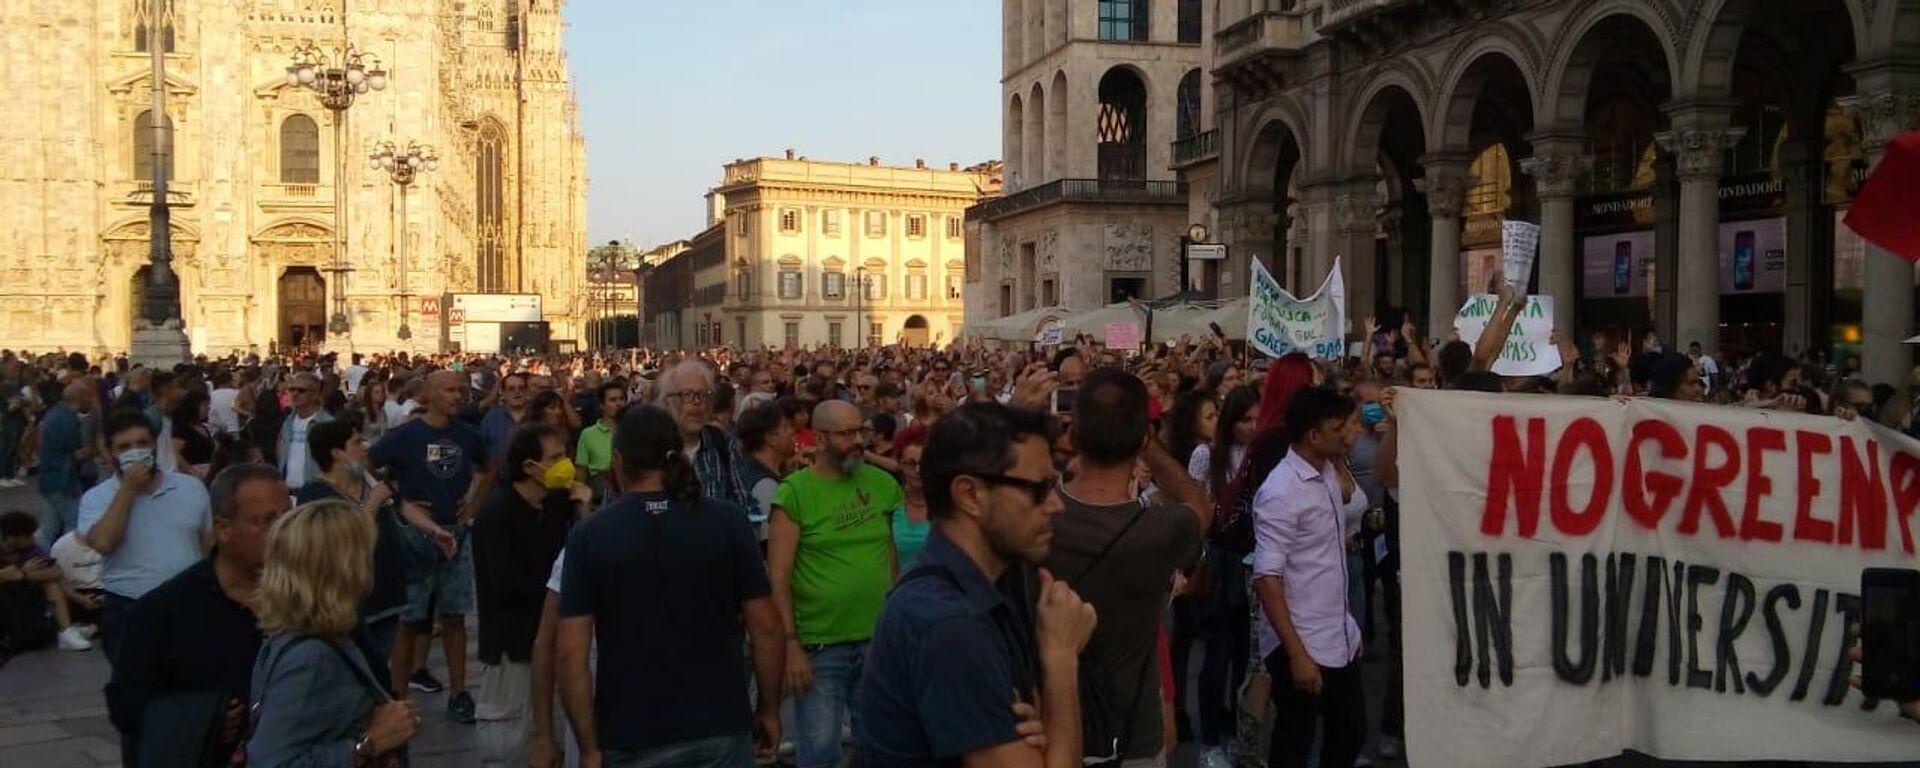 In centro a Milano manifestanti anti-green pass nonostante divieto Questura - Sputnik Italia, 1920, 18.09.2021